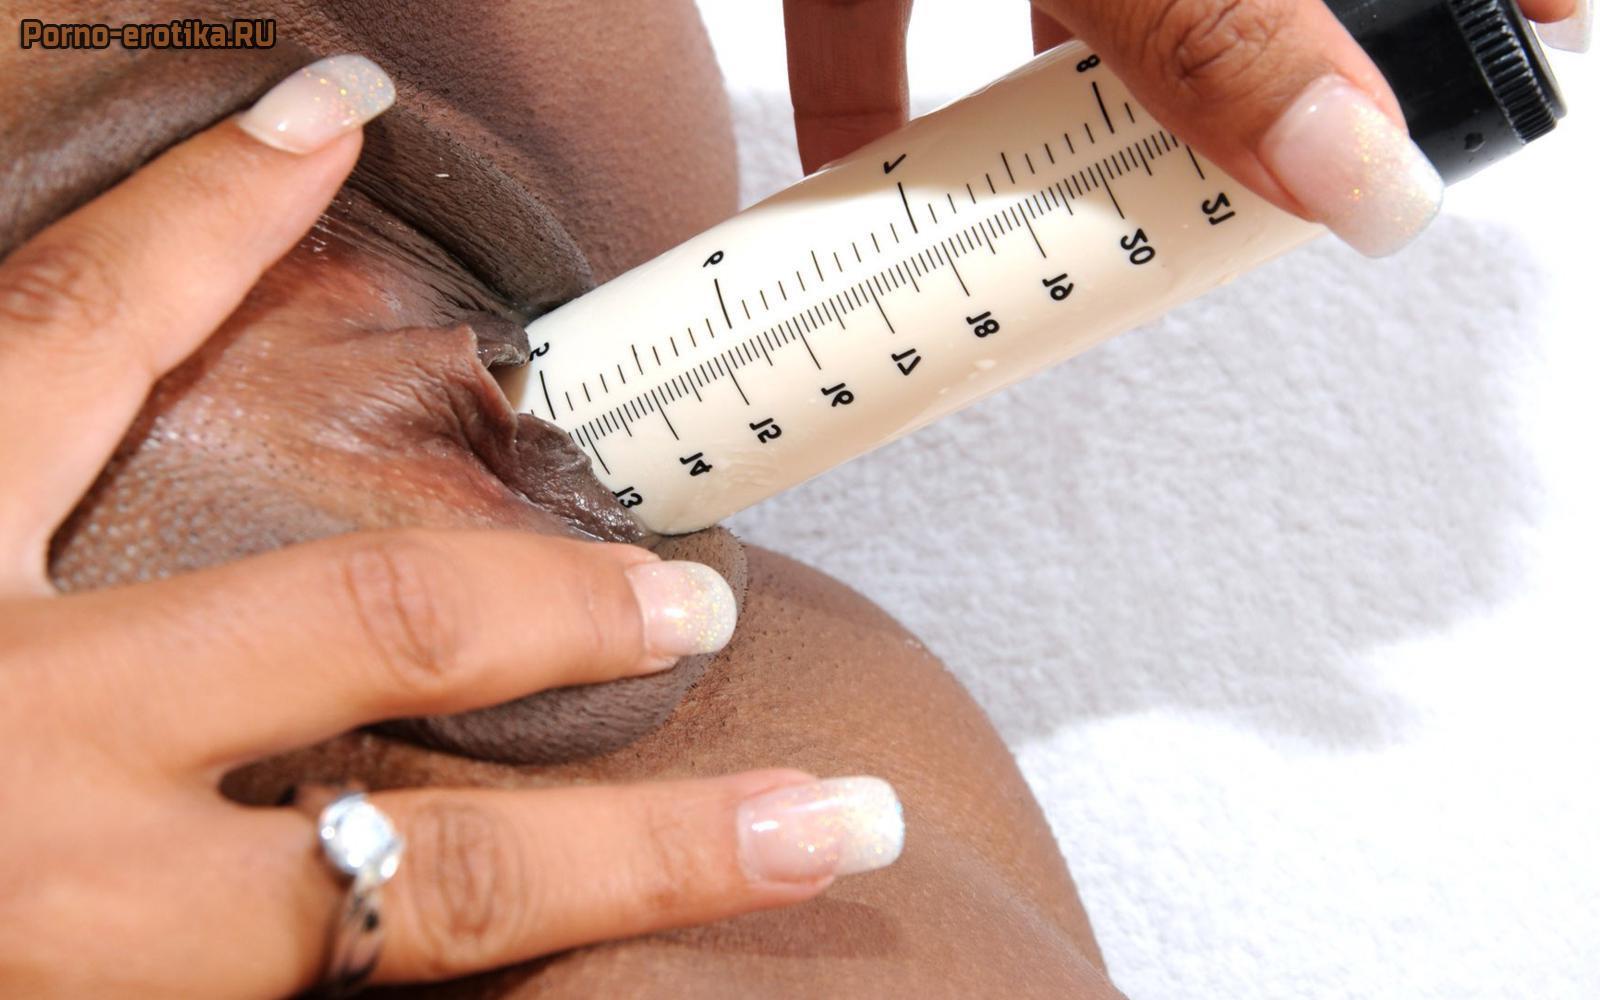 жена, порно онлайн измеряет глубину влагалища это время